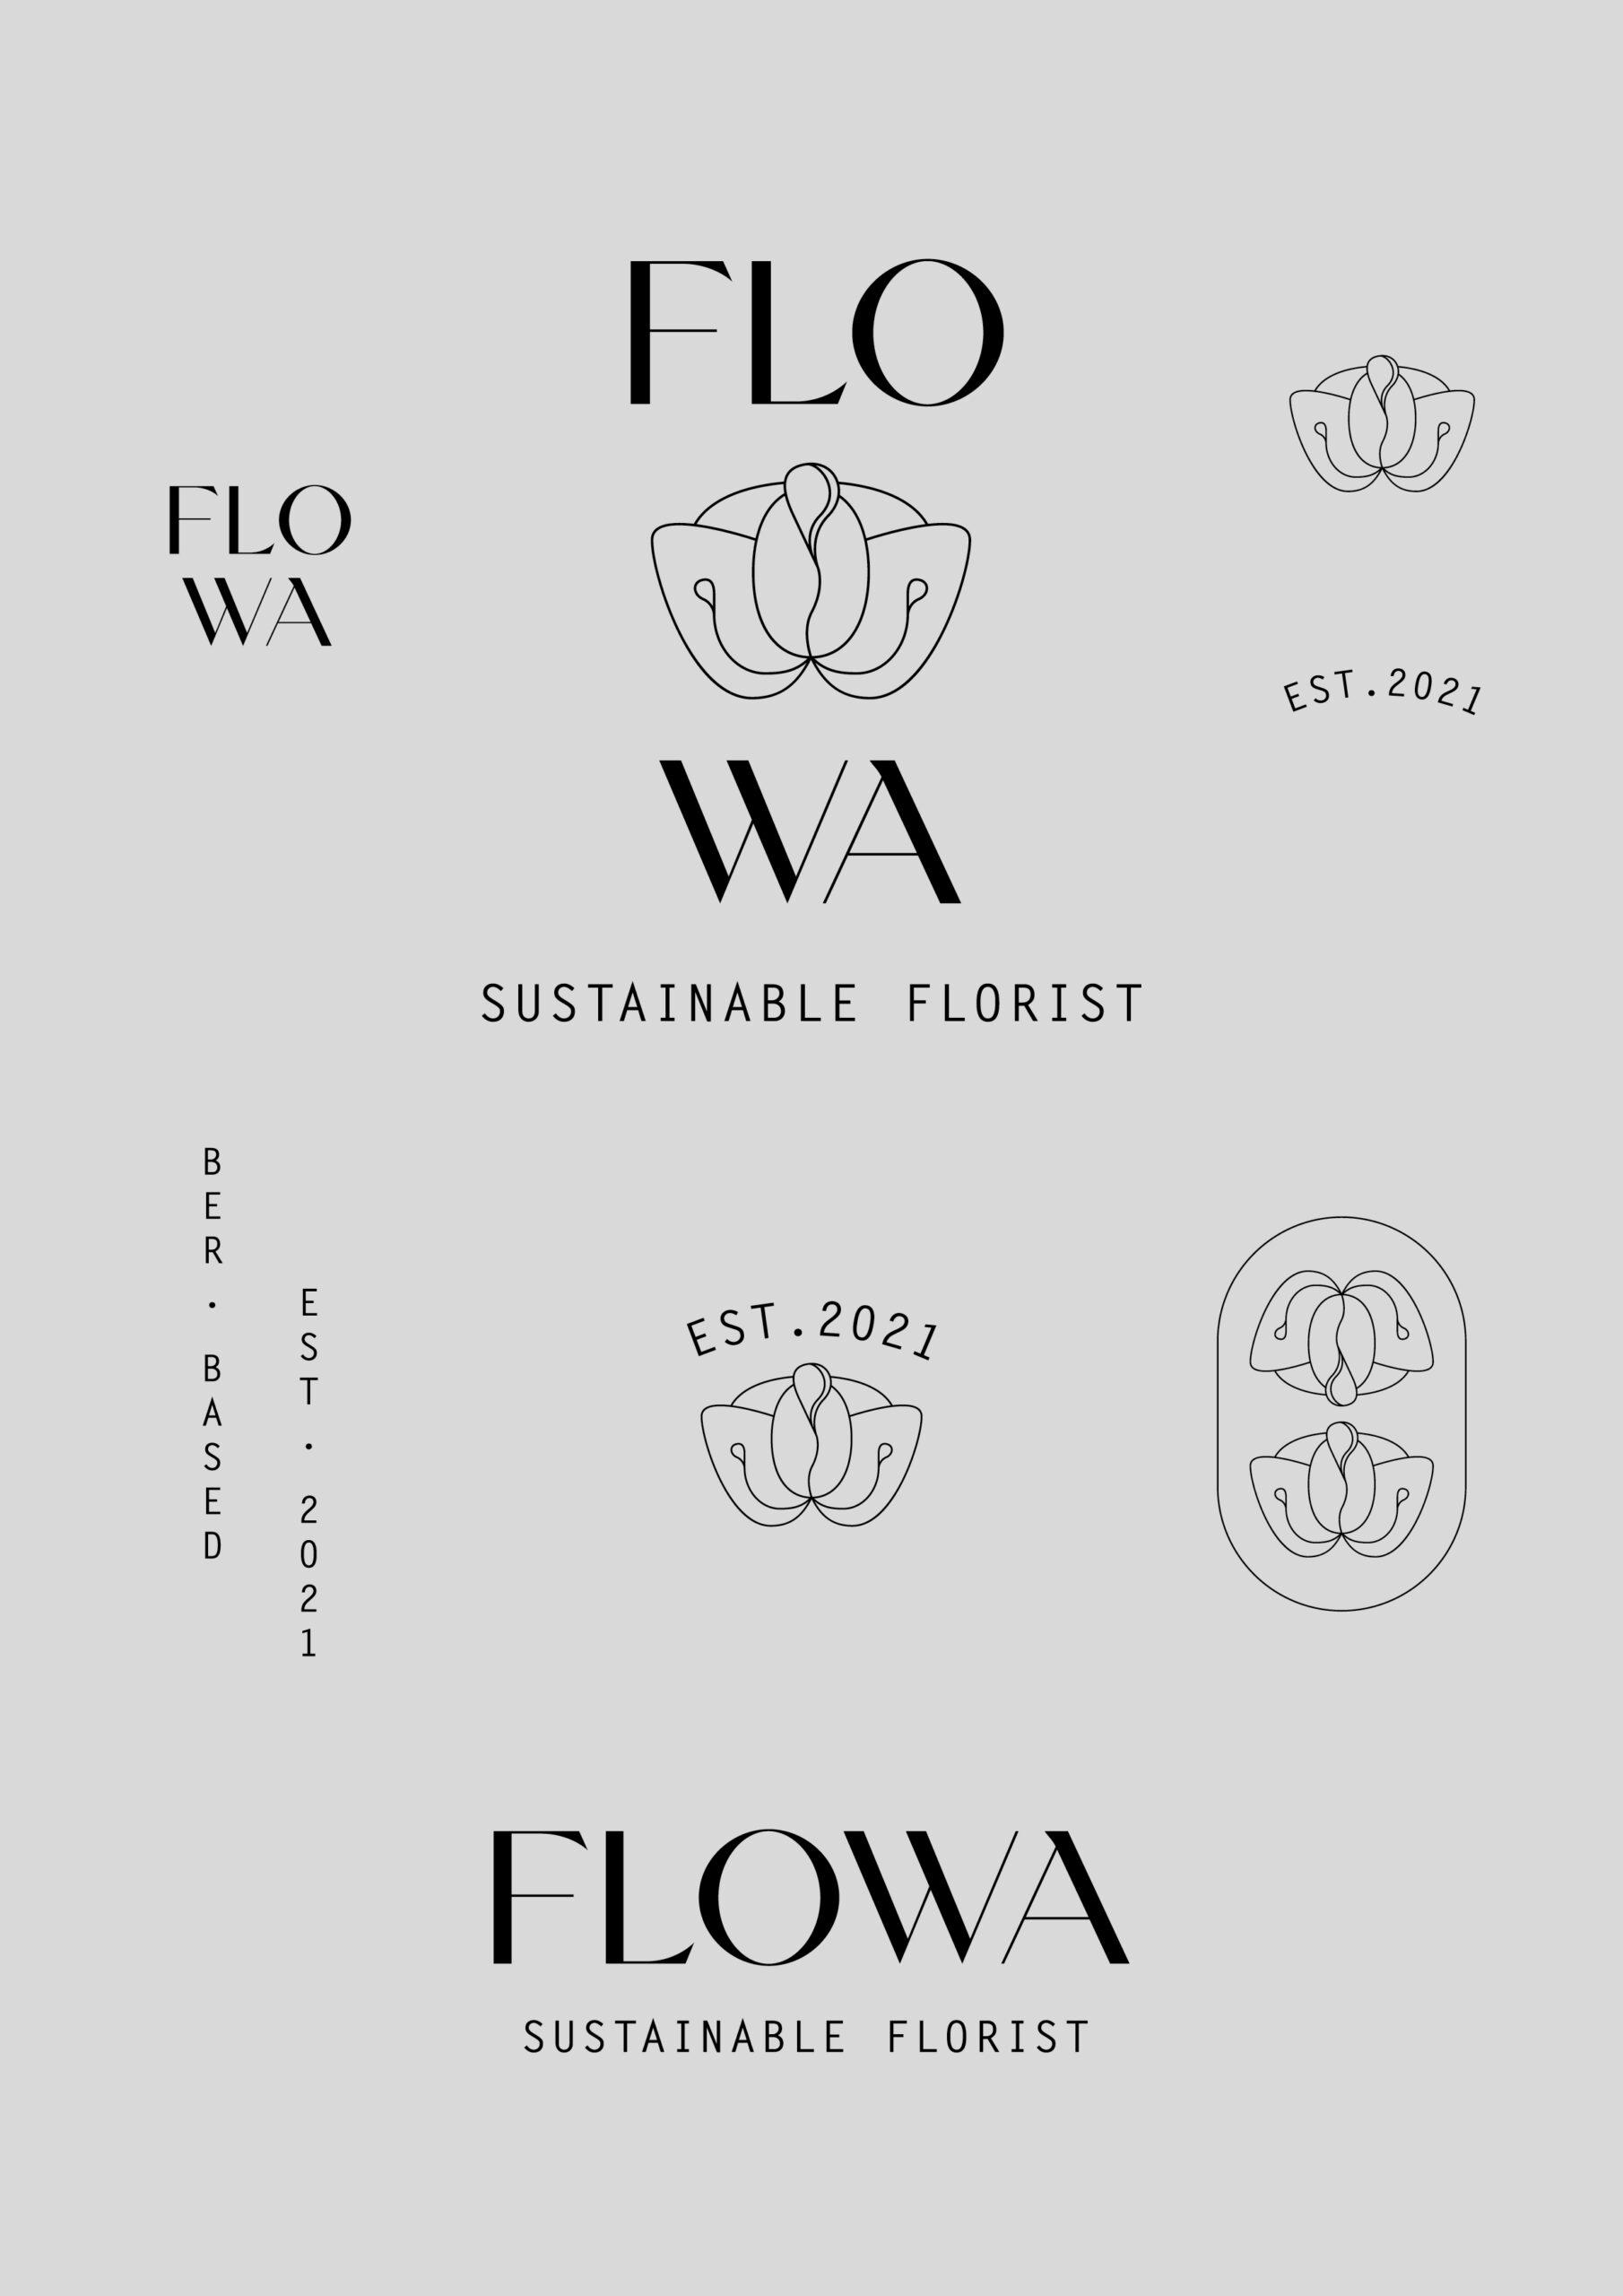 Flowa_Florist_Brand-Kit_Ready-Made_by_Mindt_08